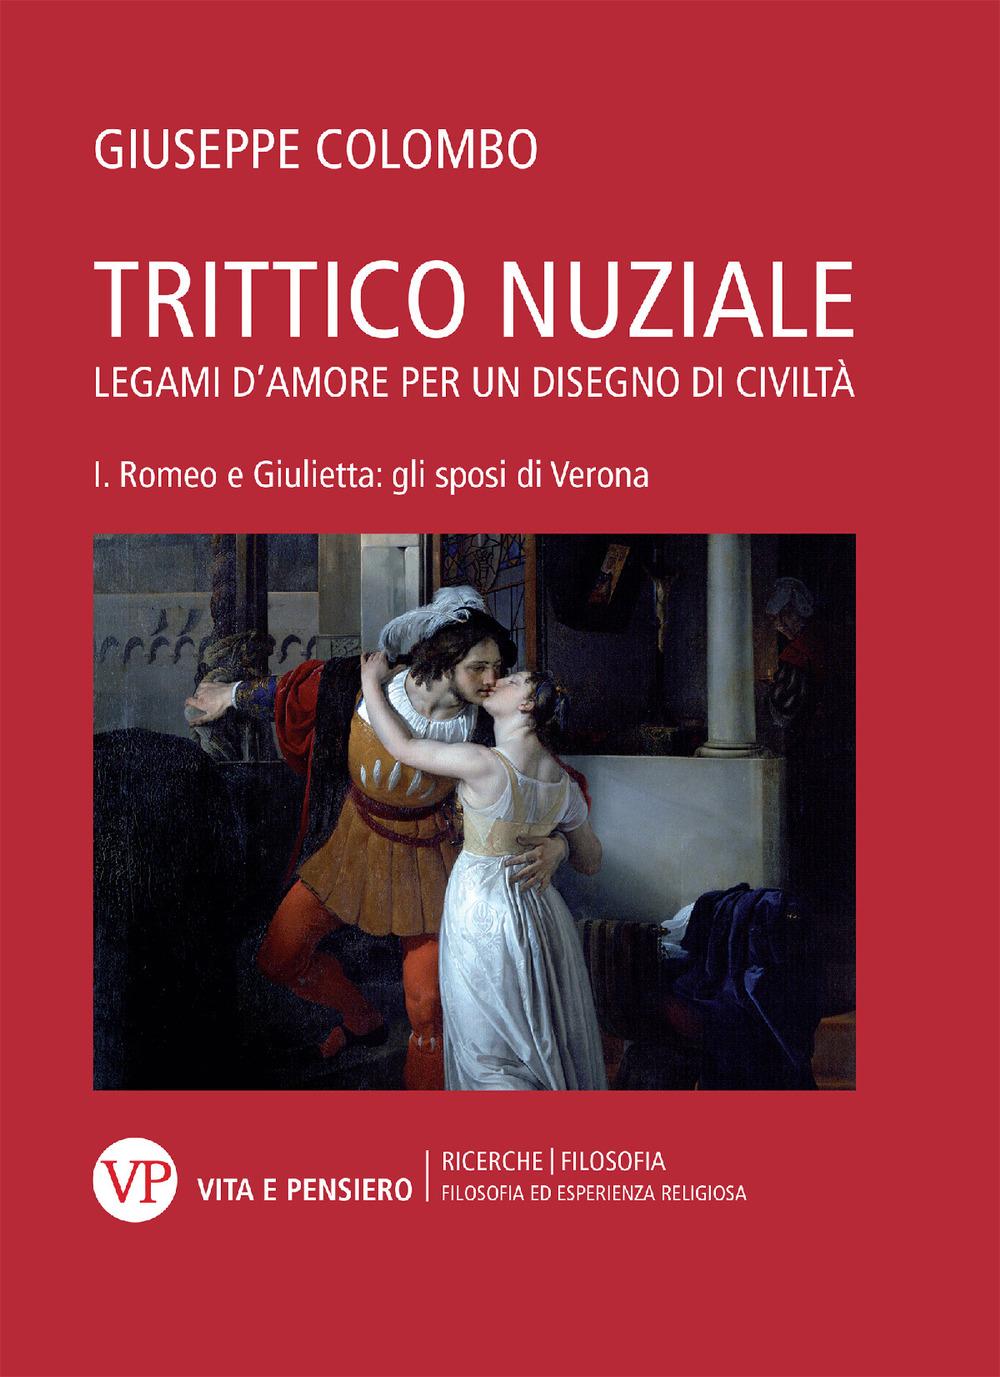 Image of Trittico nuziale. Legami d'amore: per un disegno di civiltà. Vol. 1: Romeo e Giulietta: gli sposi di Verona.